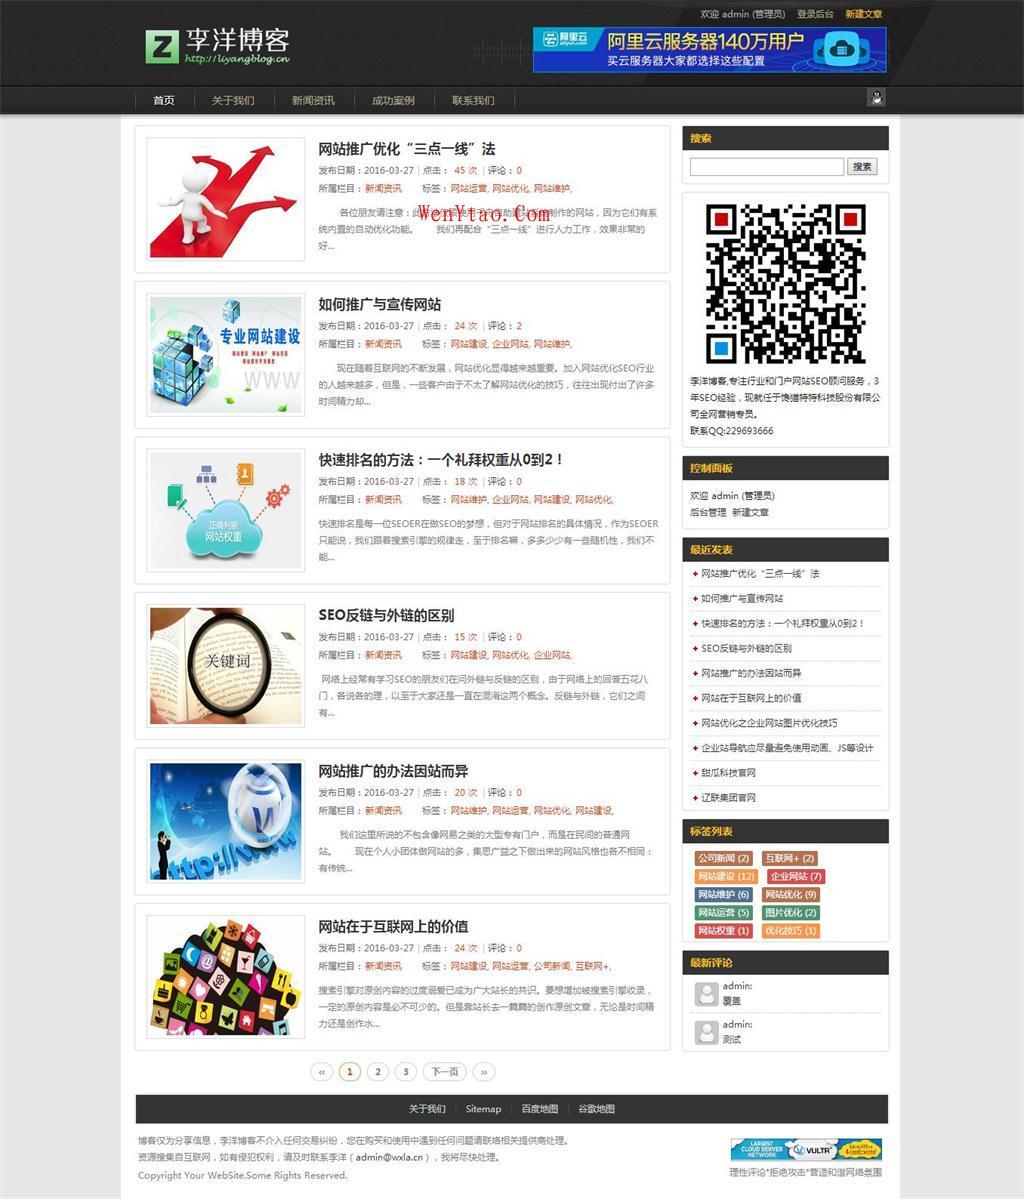 zblogPHP最新clublee主题,全网首发(地址更新) 第1张